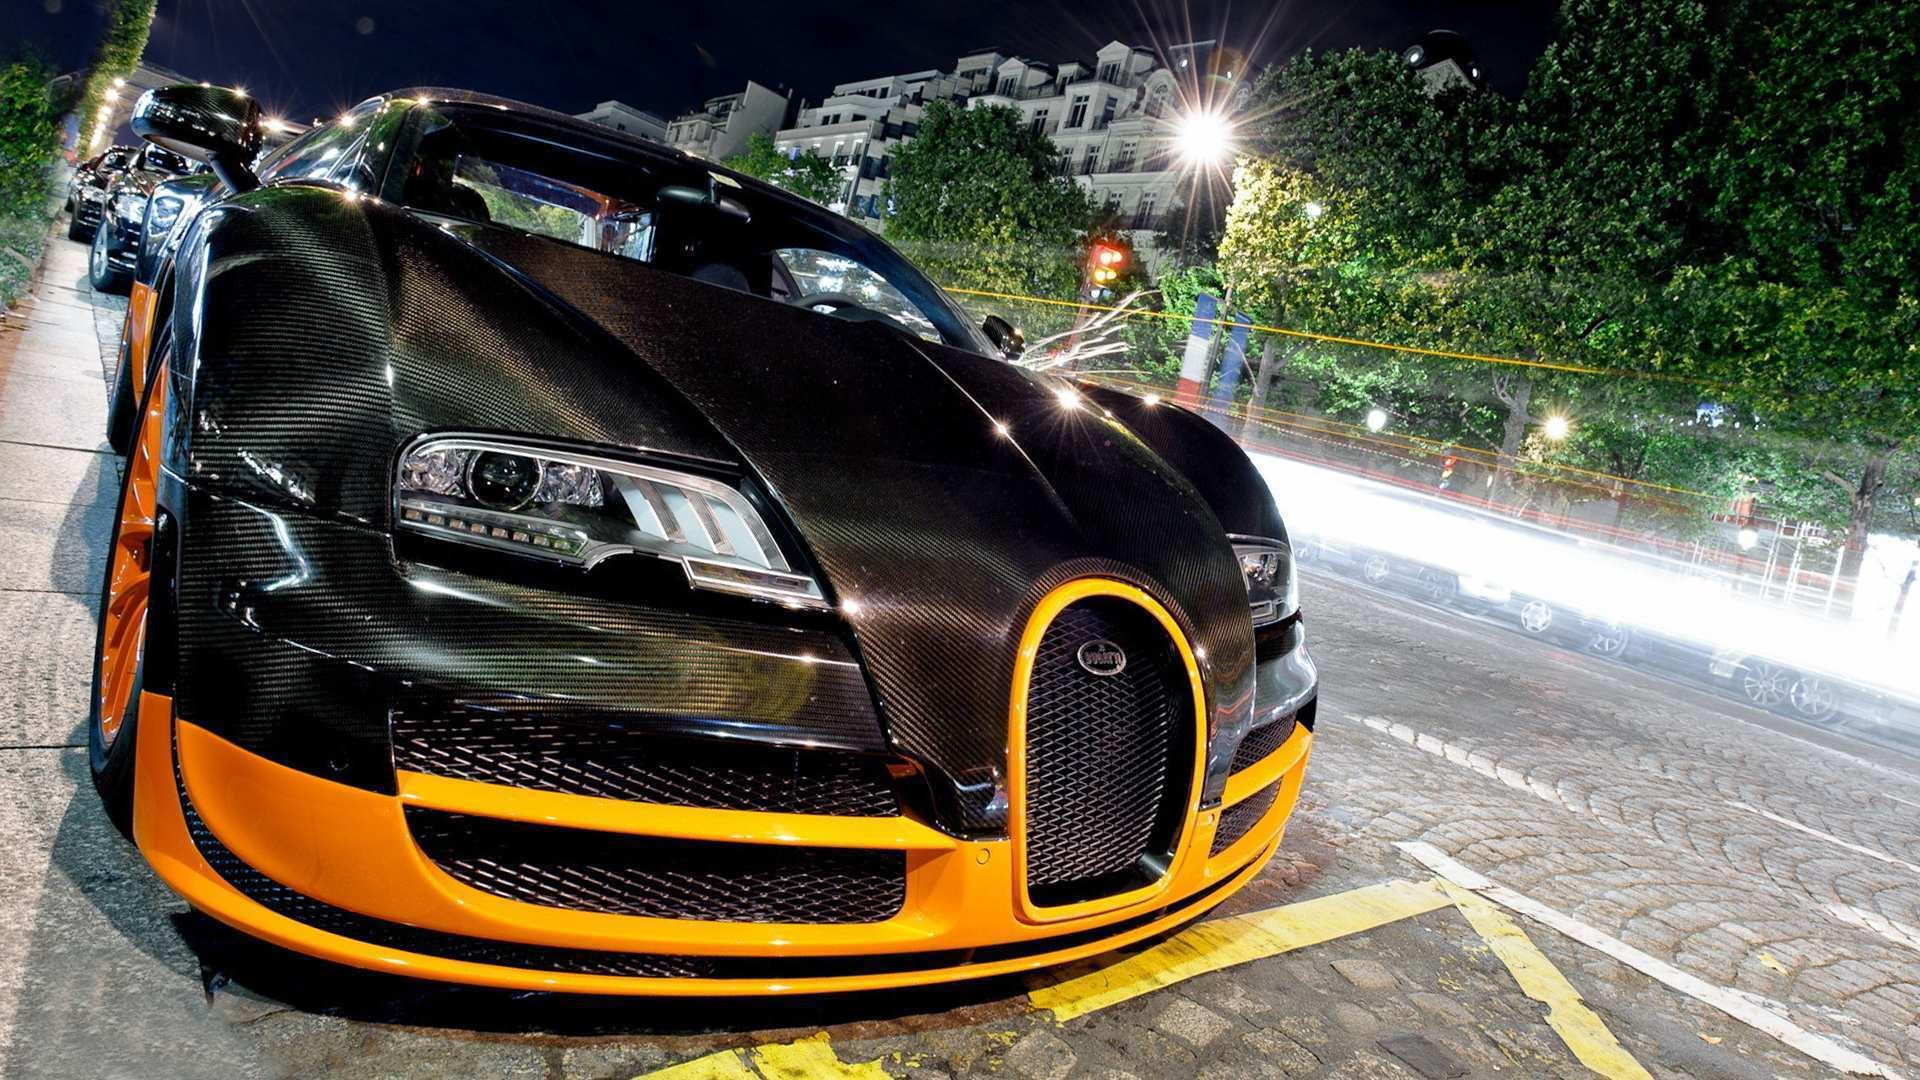 24 The 2019 Bugatti Veyron Prices with 2019 Bugatti Veyron